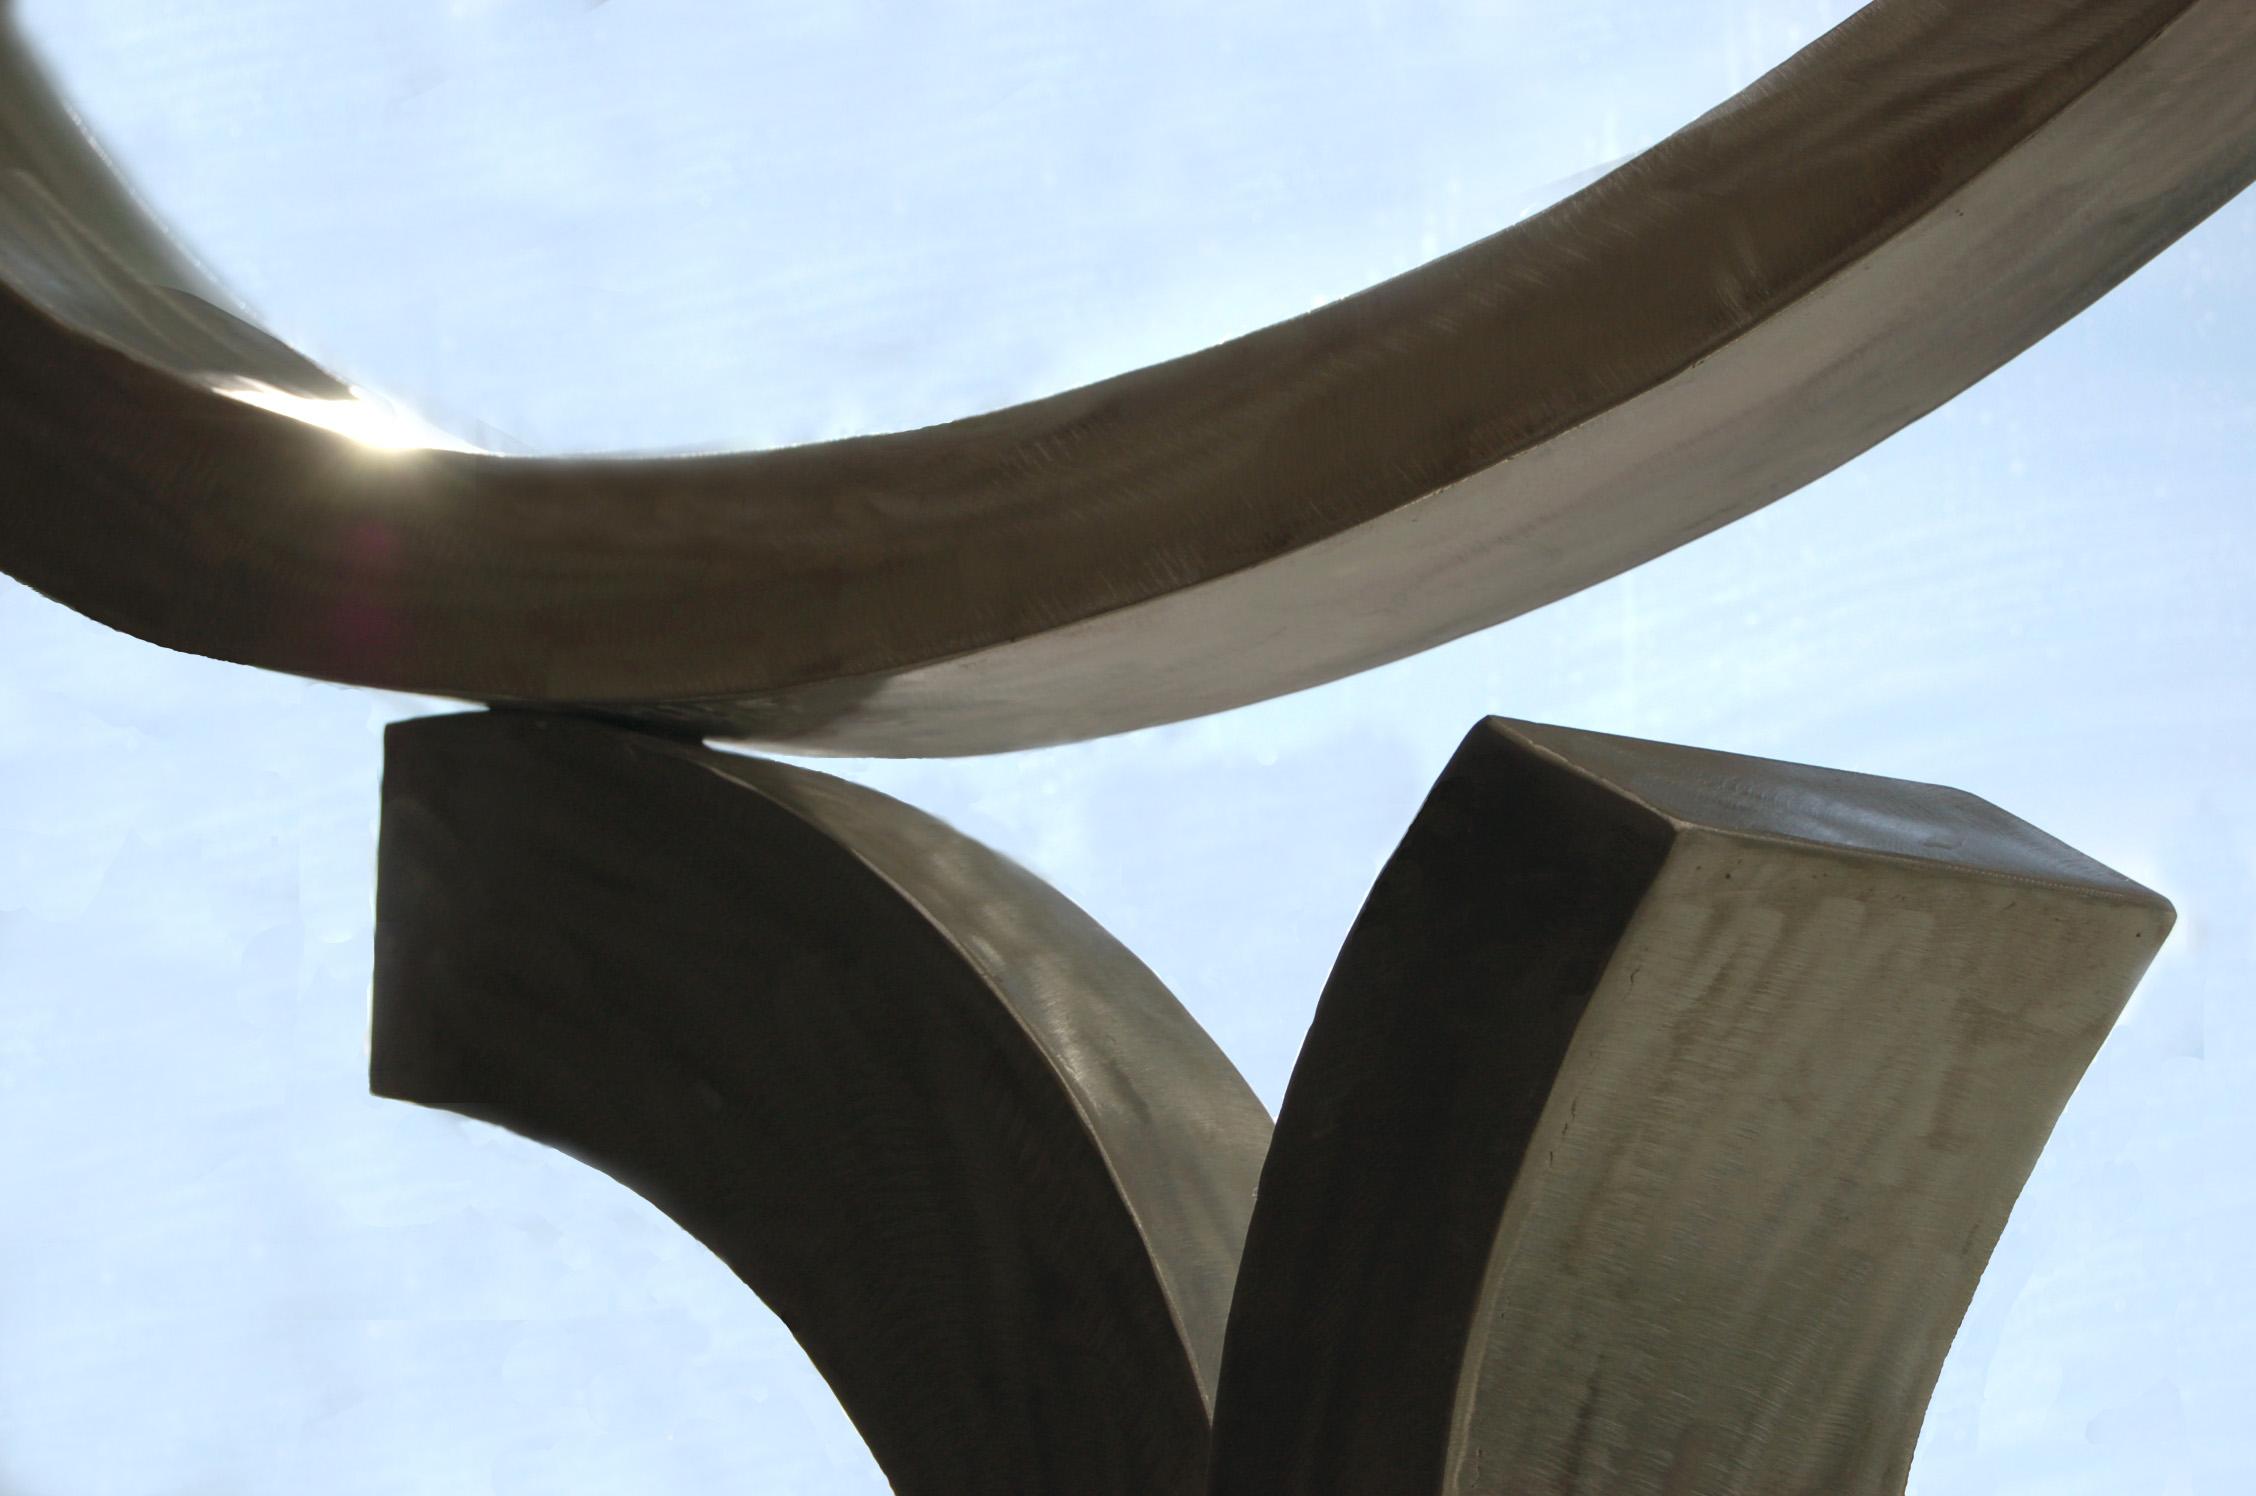 Viewpoint-Sculpture